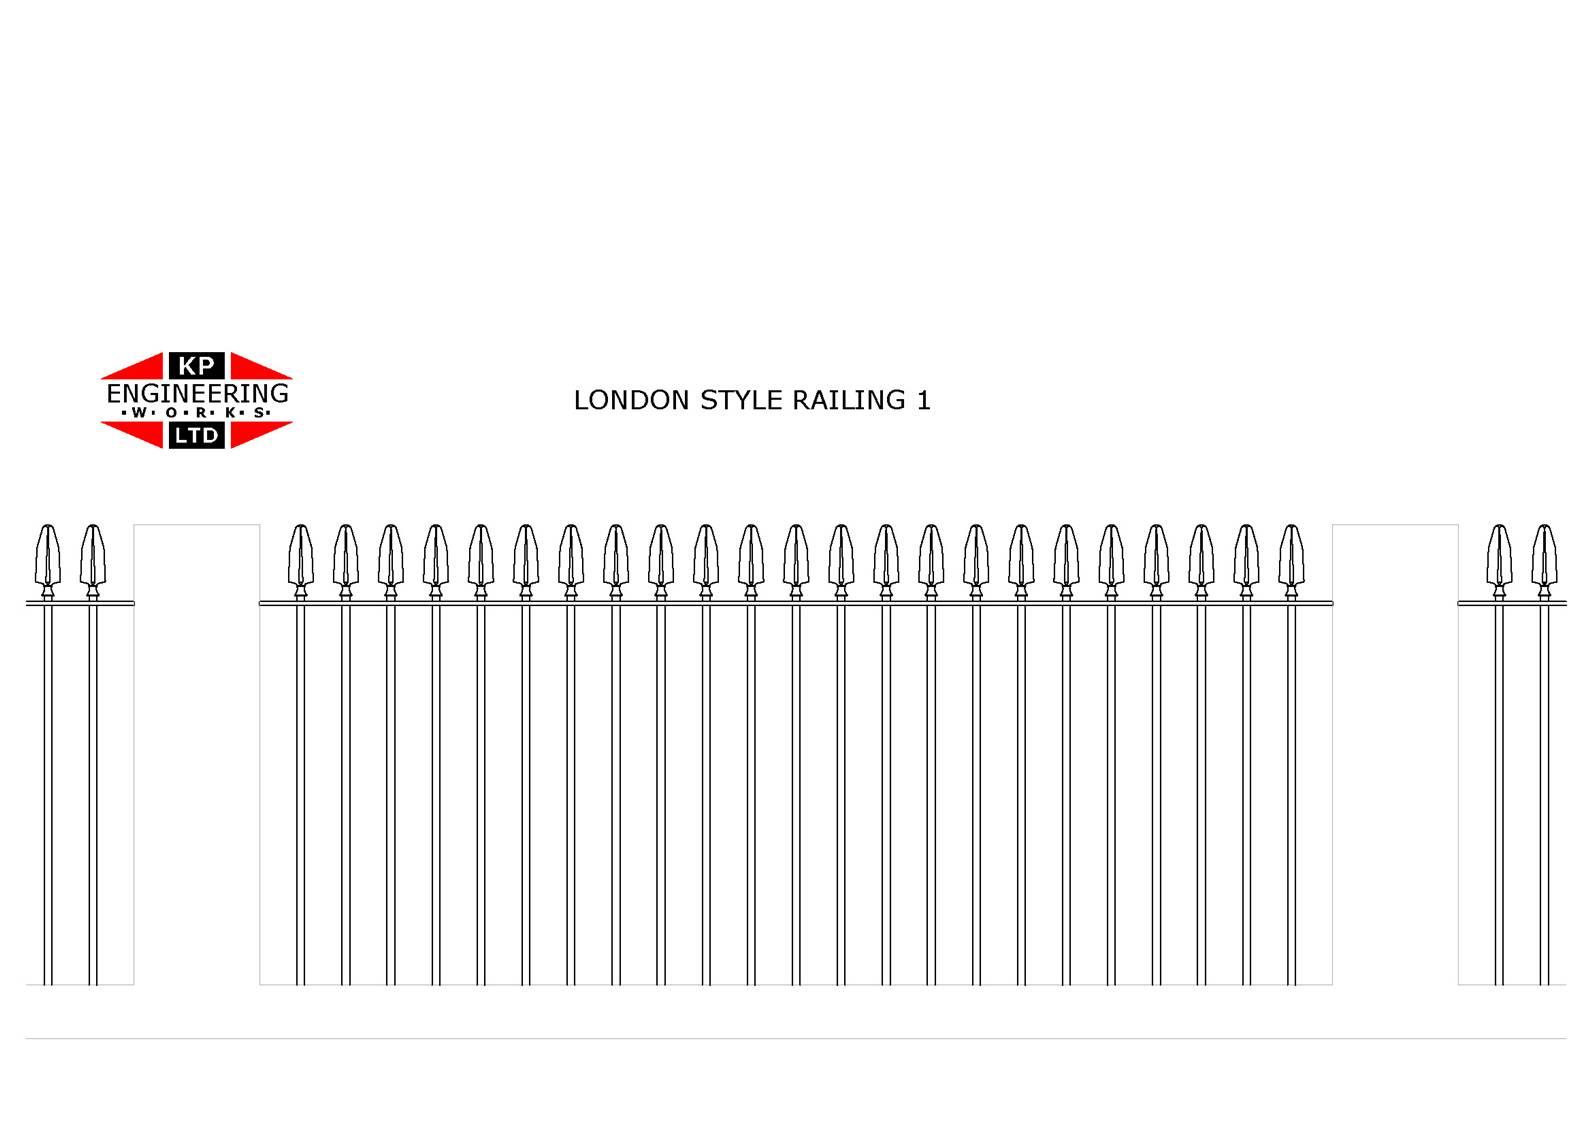 London Style Railings From Kp Engineering